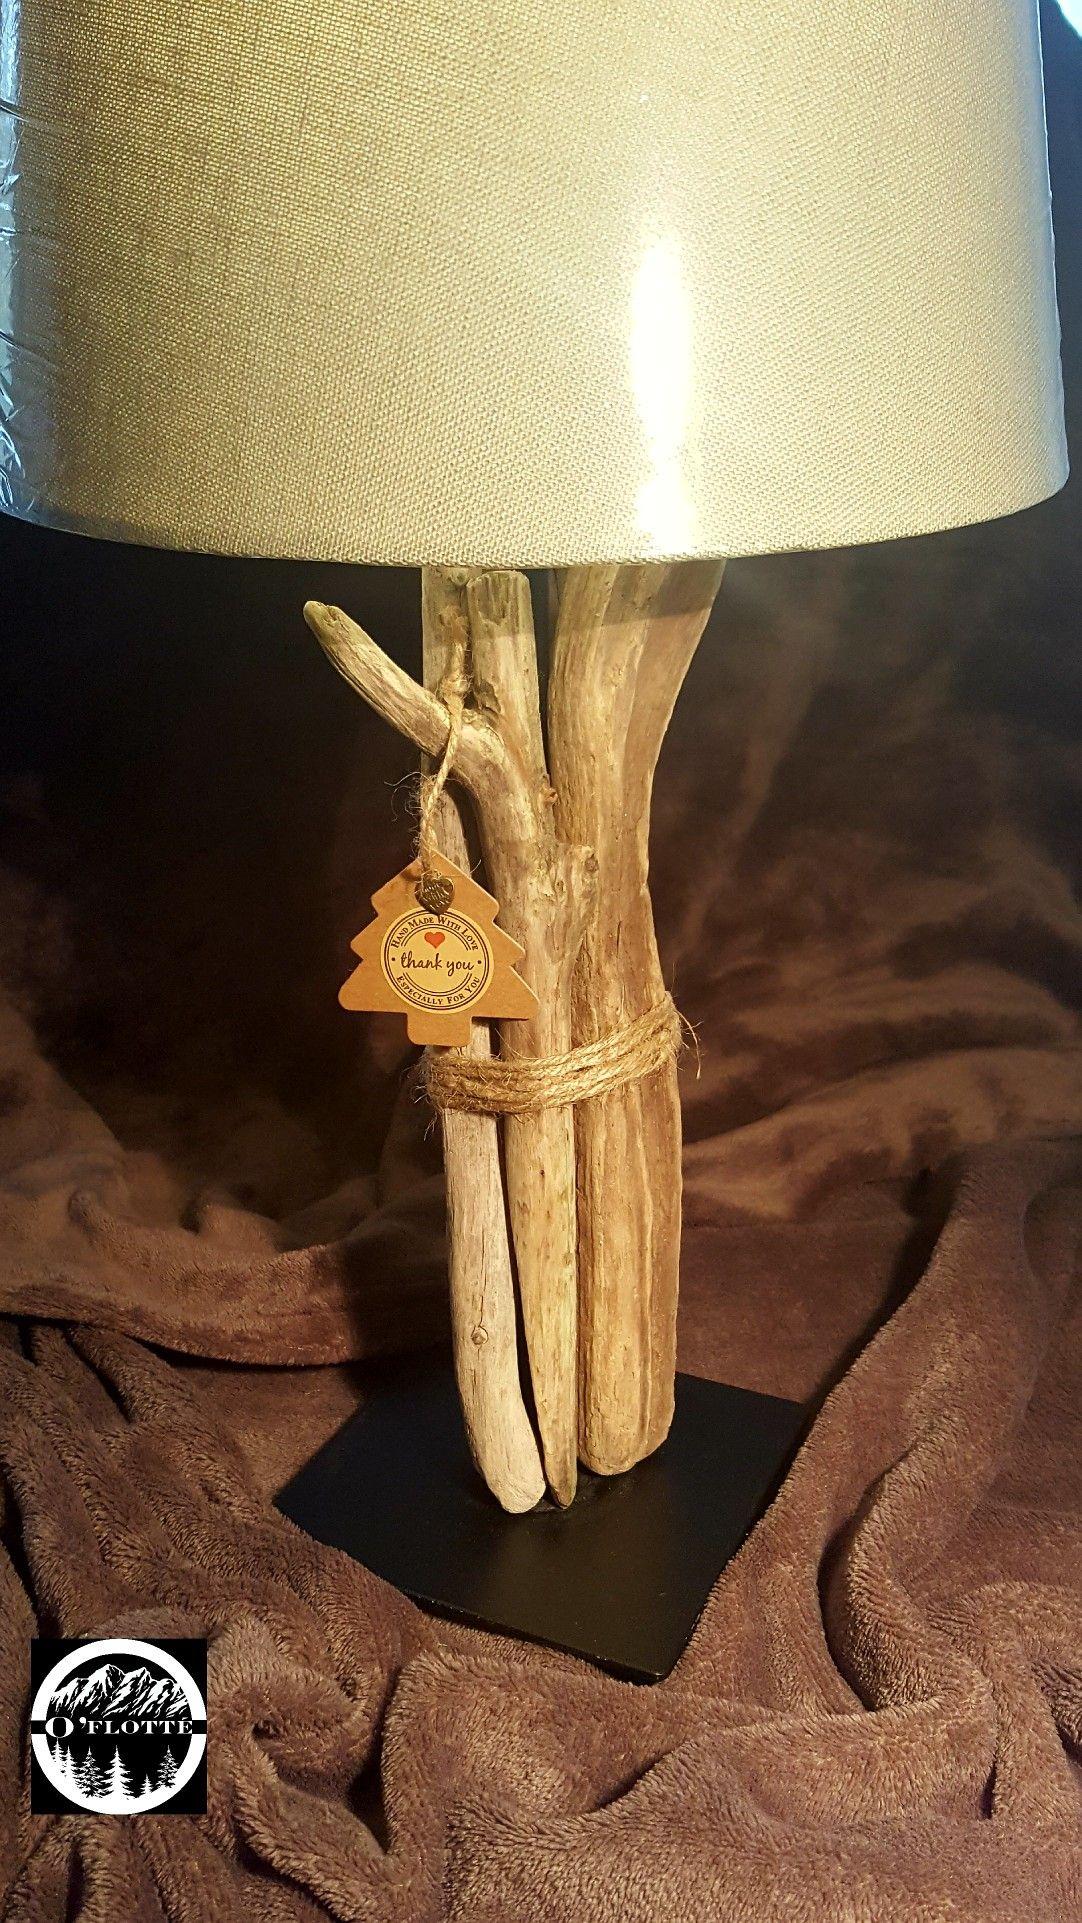 Créations En Bois Flotté lampe en bois flotté | lampe bois, lampe bois flotté et